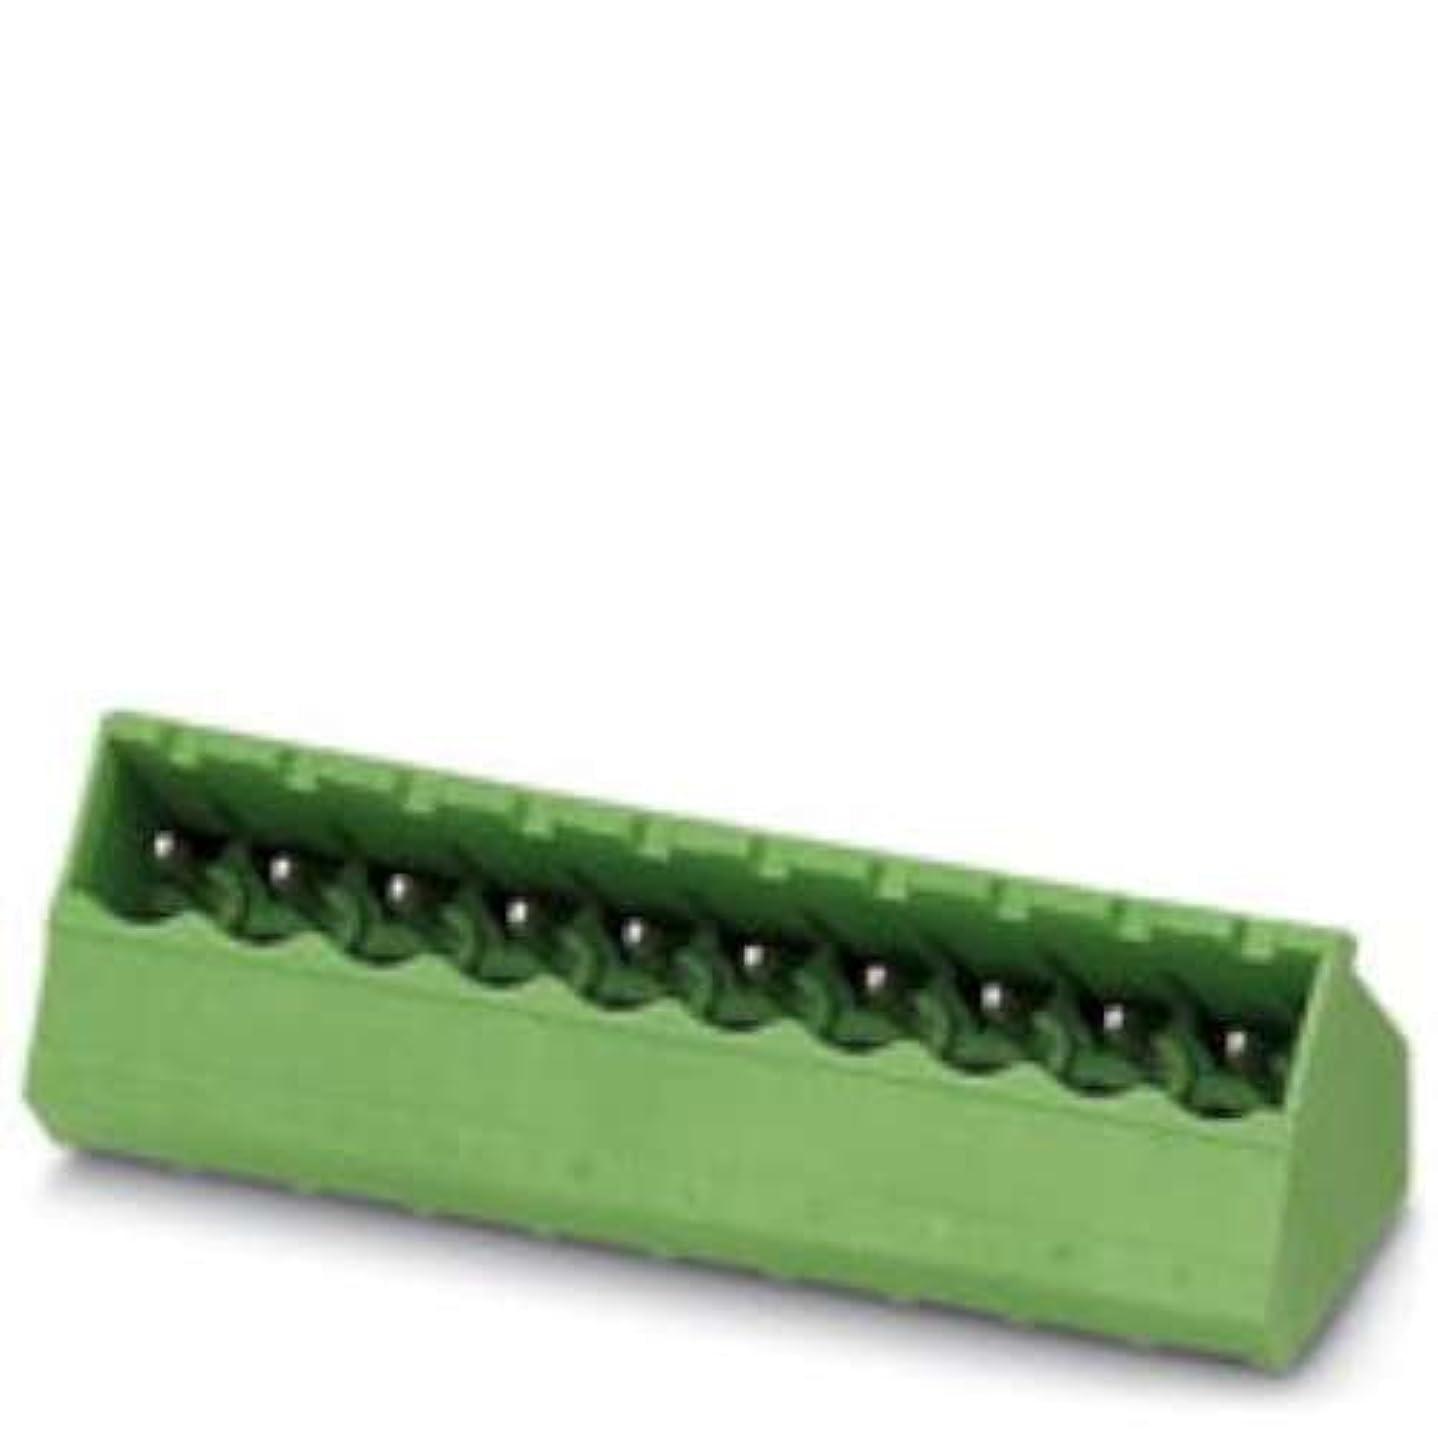 粉砕する靴下起こりやすいPhoenix Contact 基板ヘッダ 17極 ベースストリップ 1769955